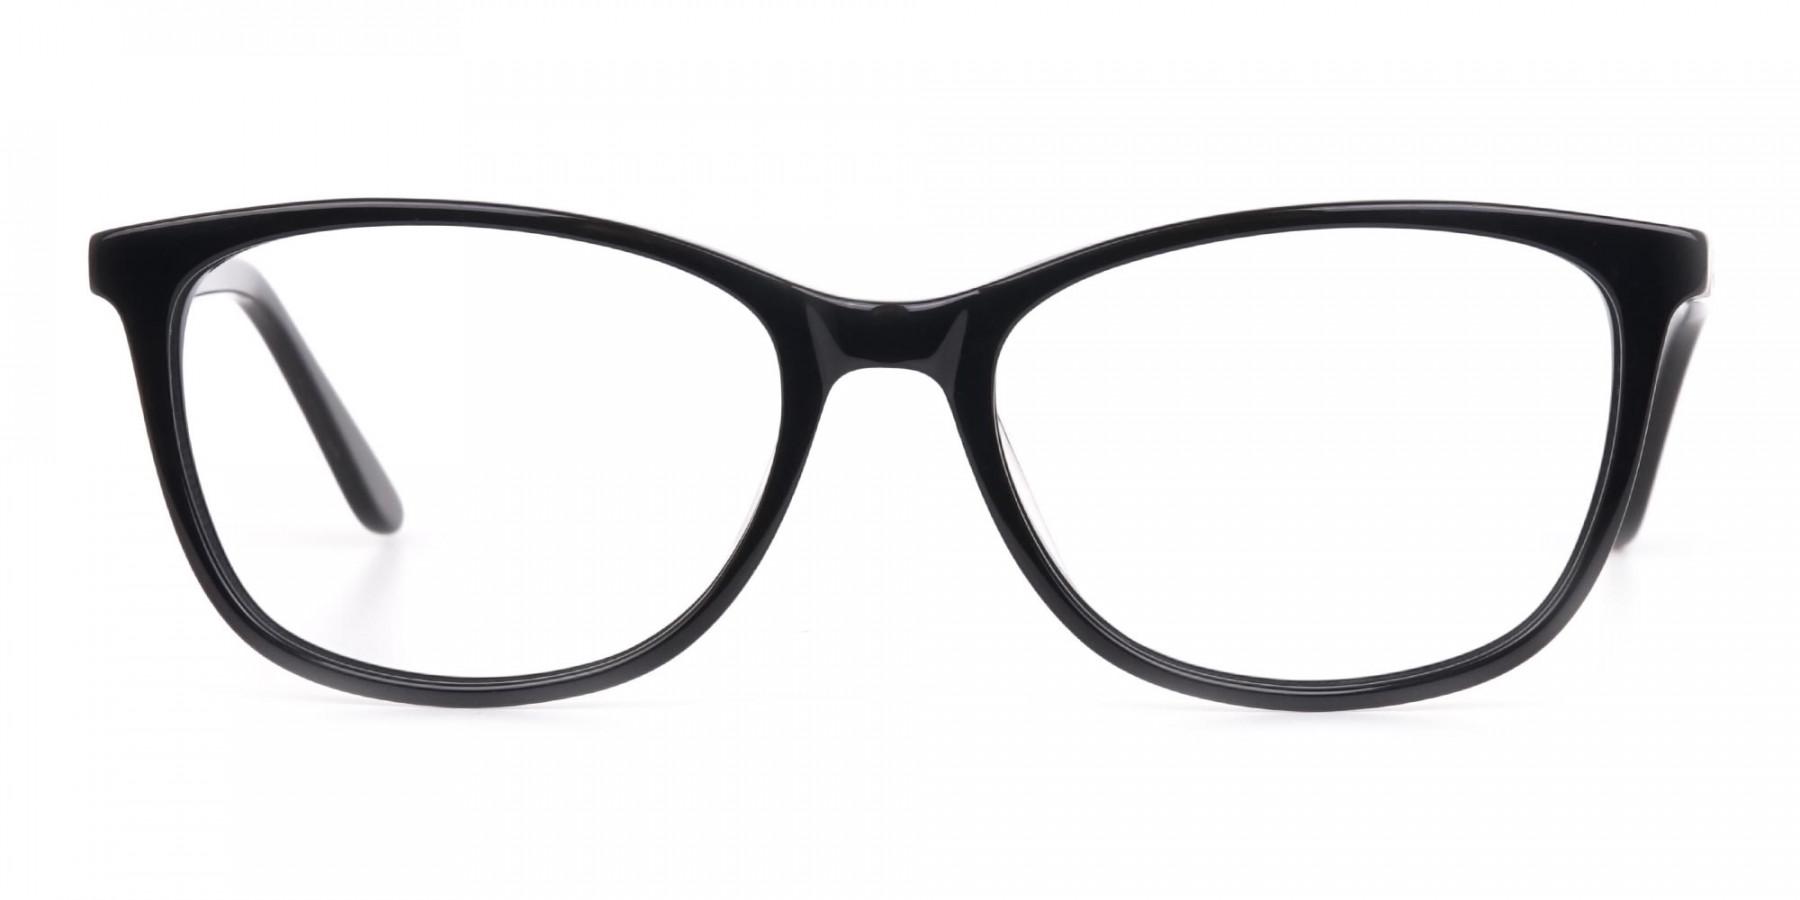 Women Black Acetate Rectangular Glasses Frame-1